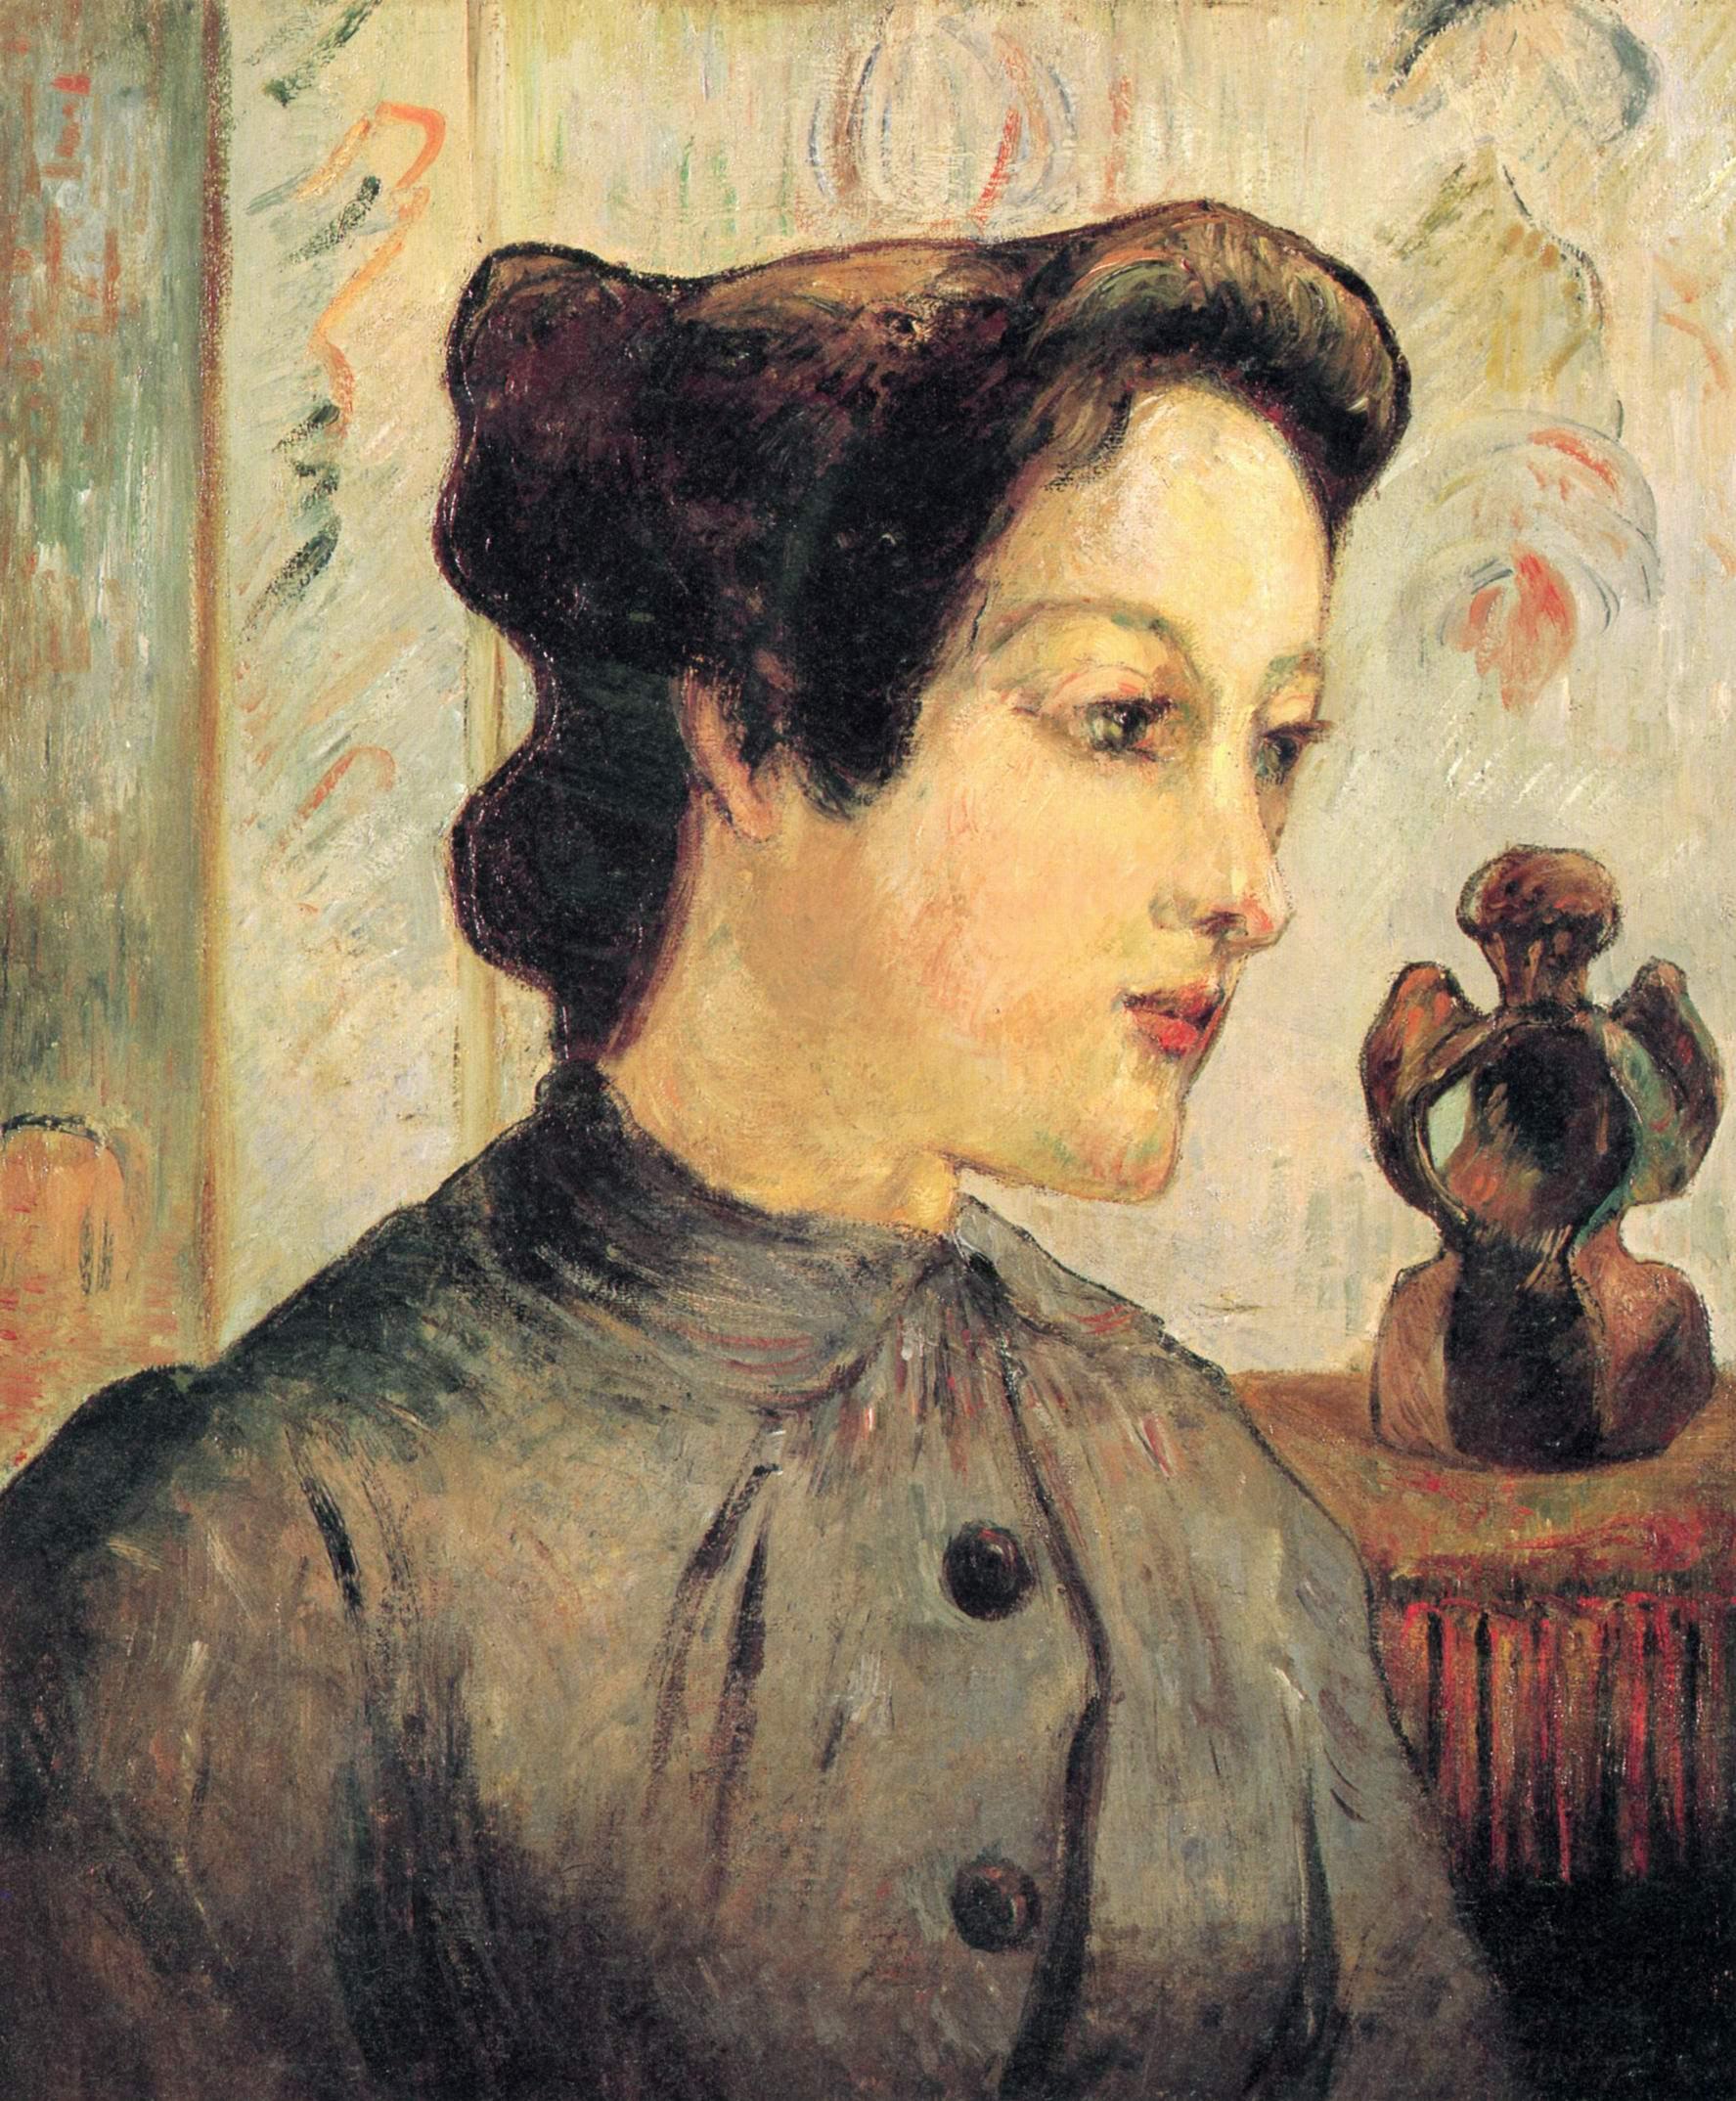 Женщина с волосами, убранными в пучок, Поль Гоген